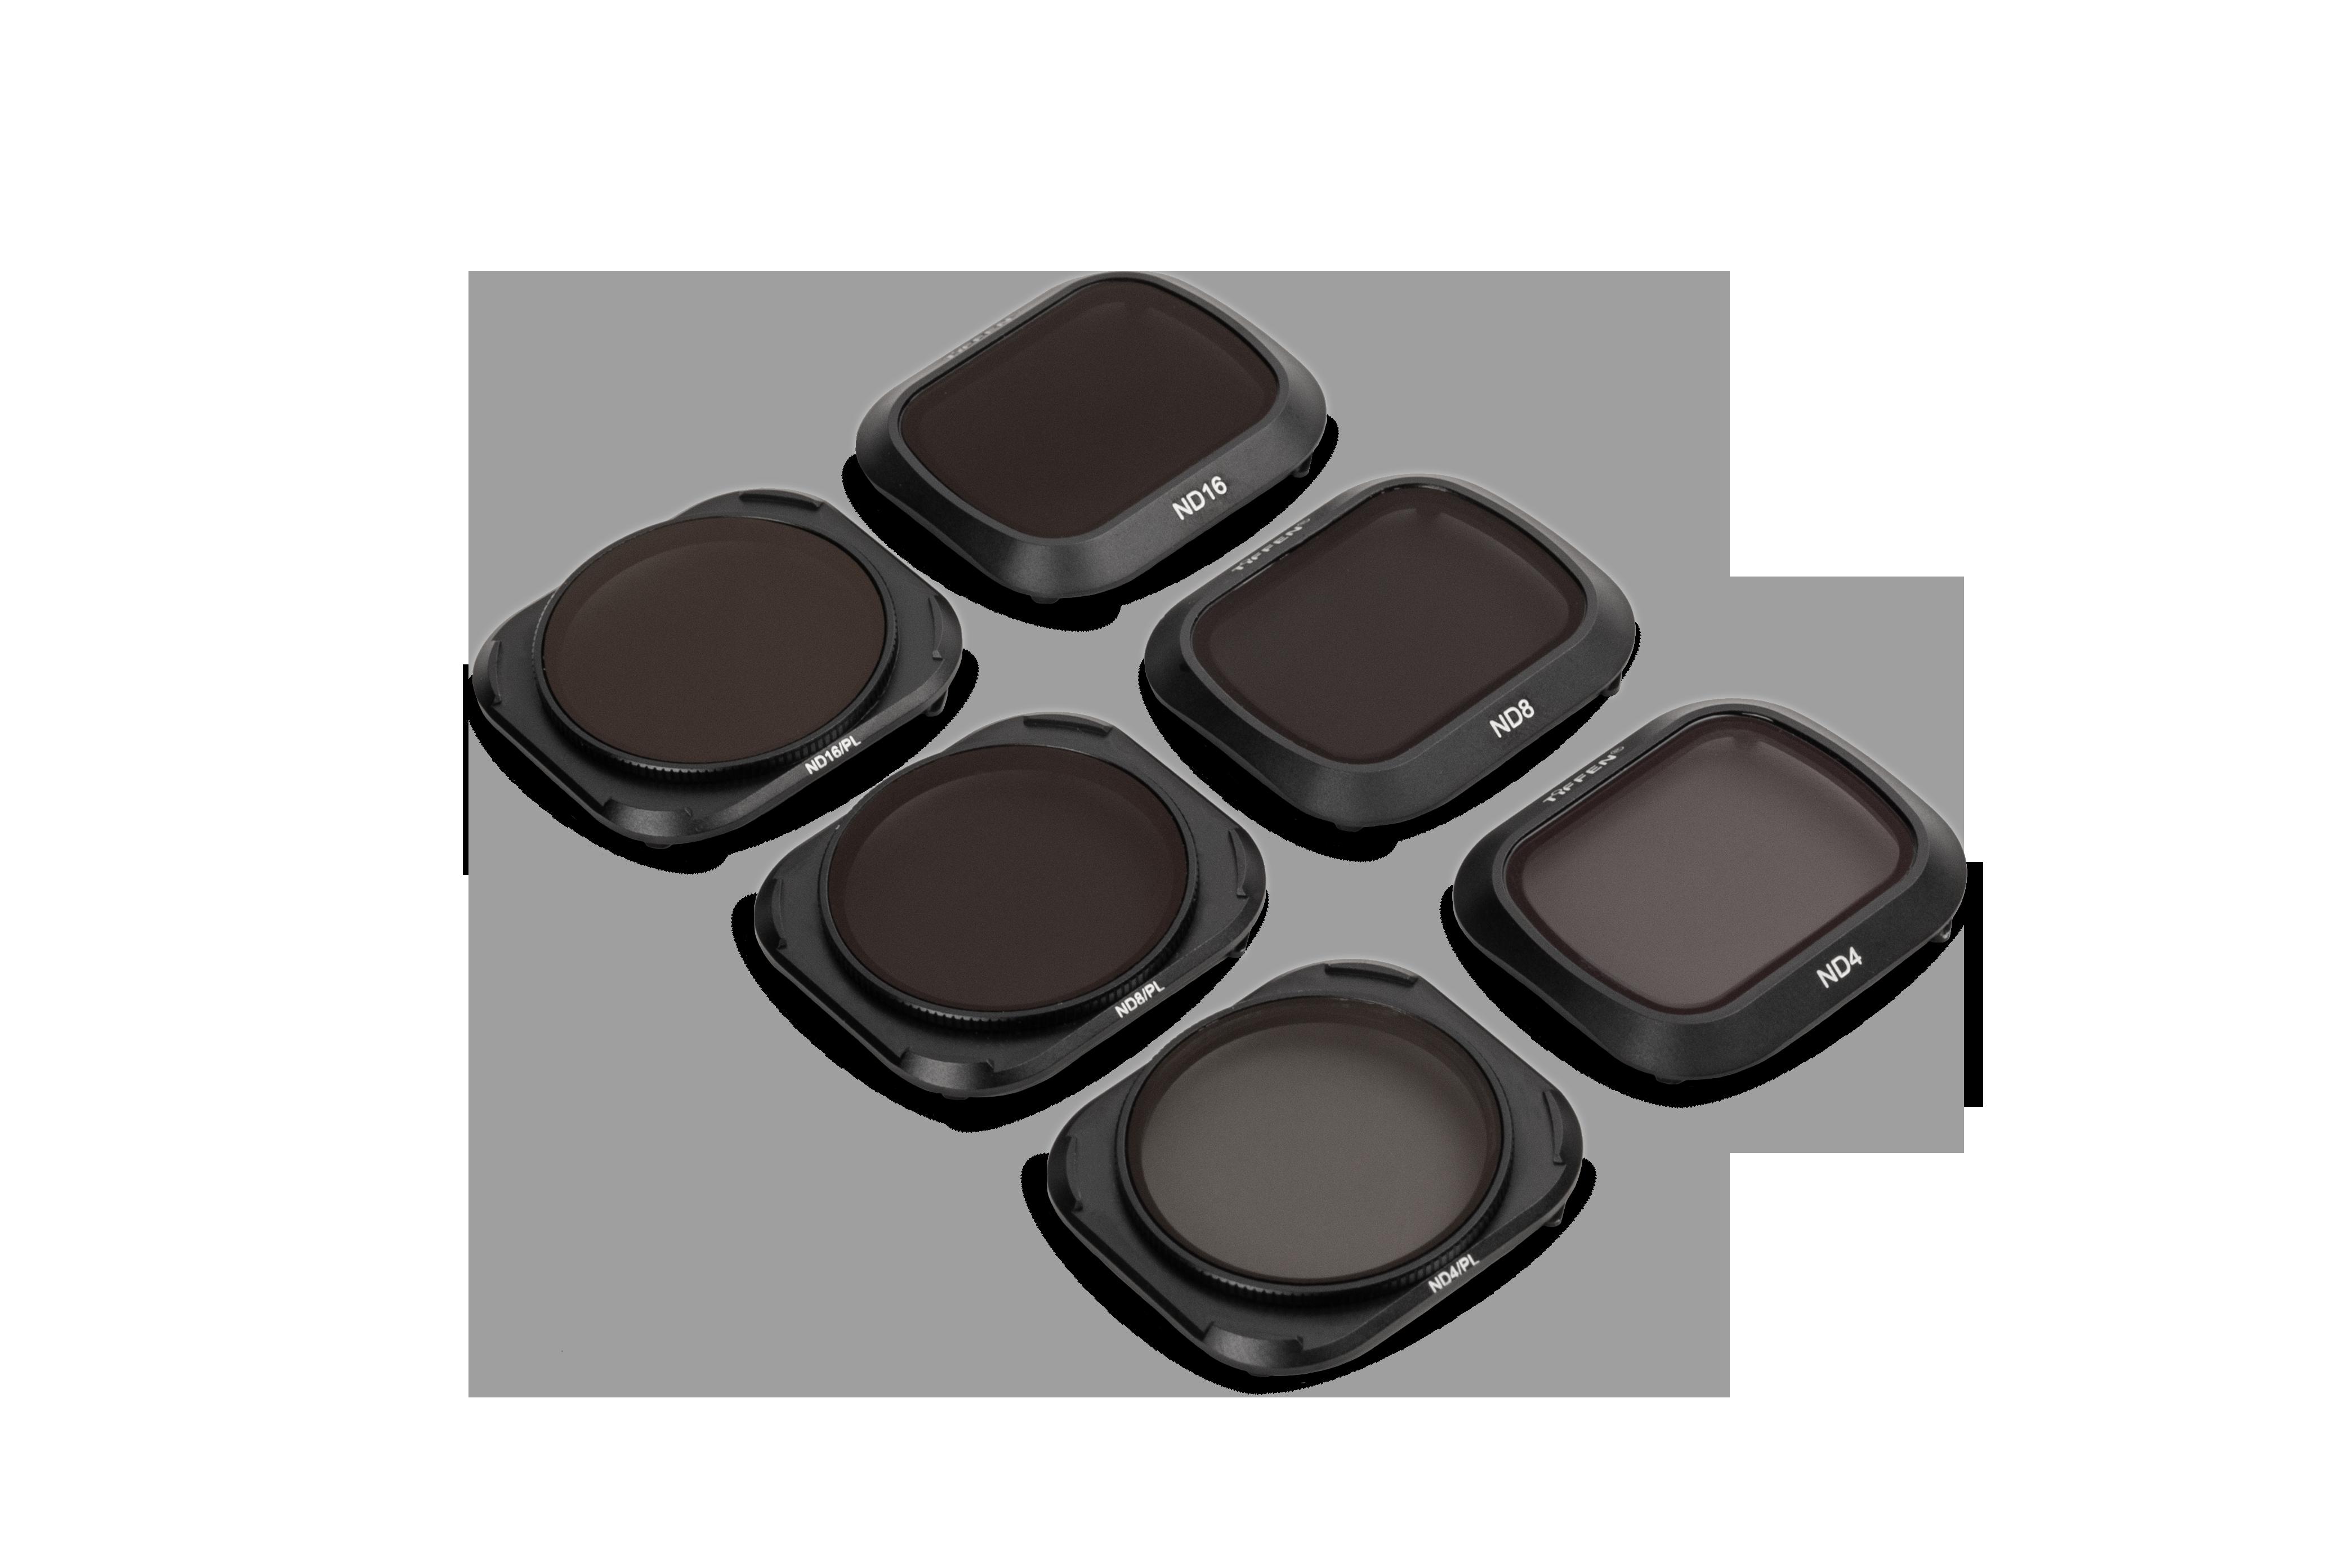 tiffen mavic 2 pro drone filters